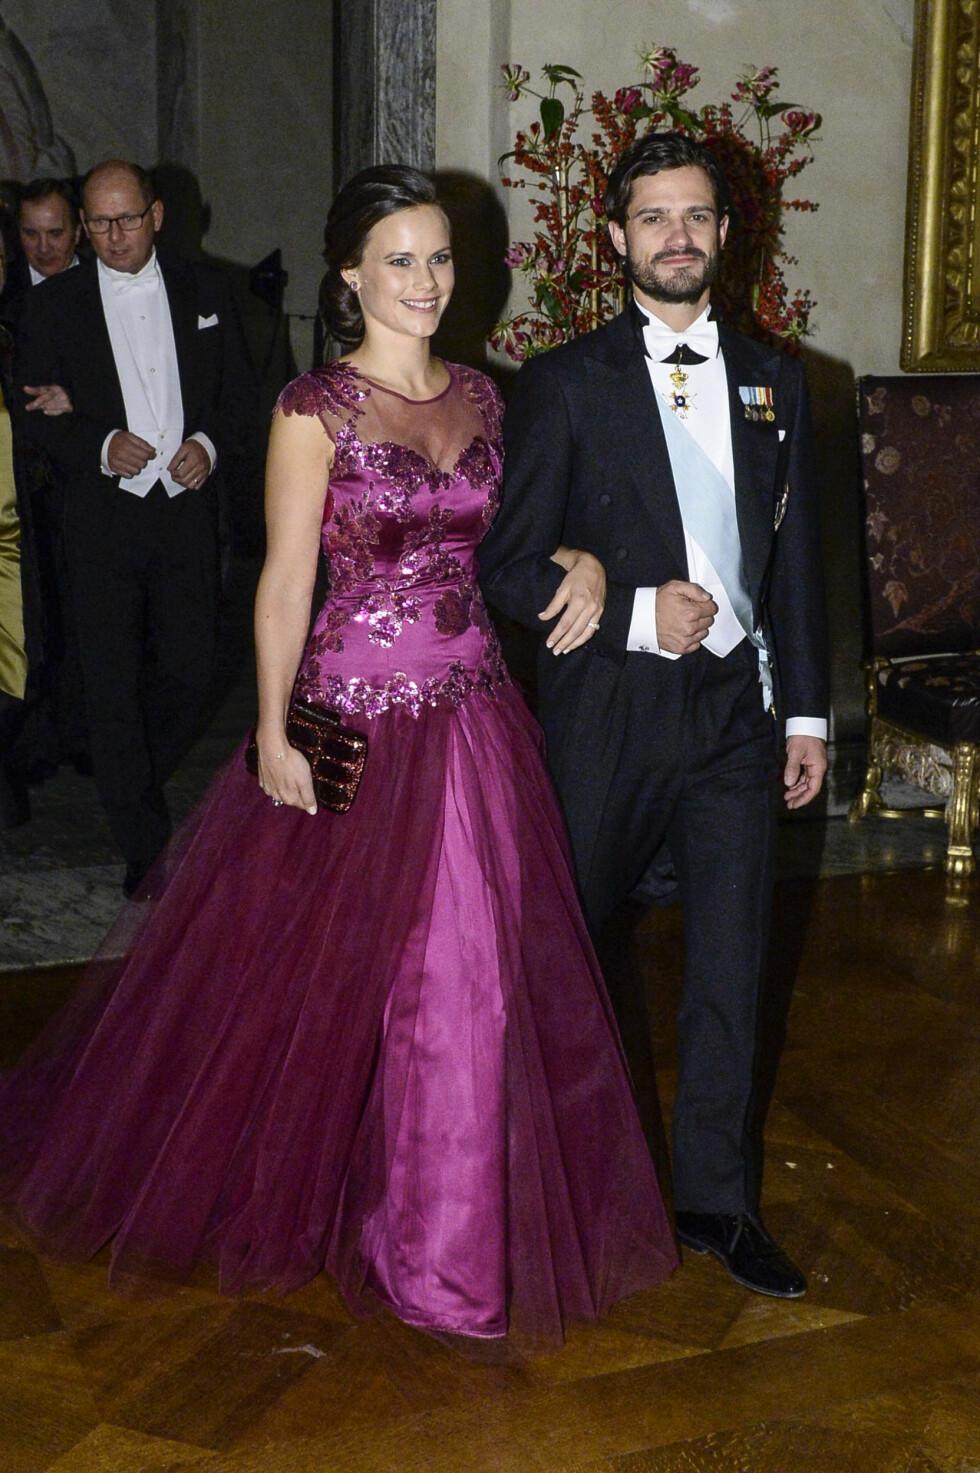 FØR JUL I 2014: Sofia Hellqvist strålte i denne juvelfargede kjolen under Nobelbanketten i Stadshuset i Stockholm. Foto: TT NYHETSBYRÅN